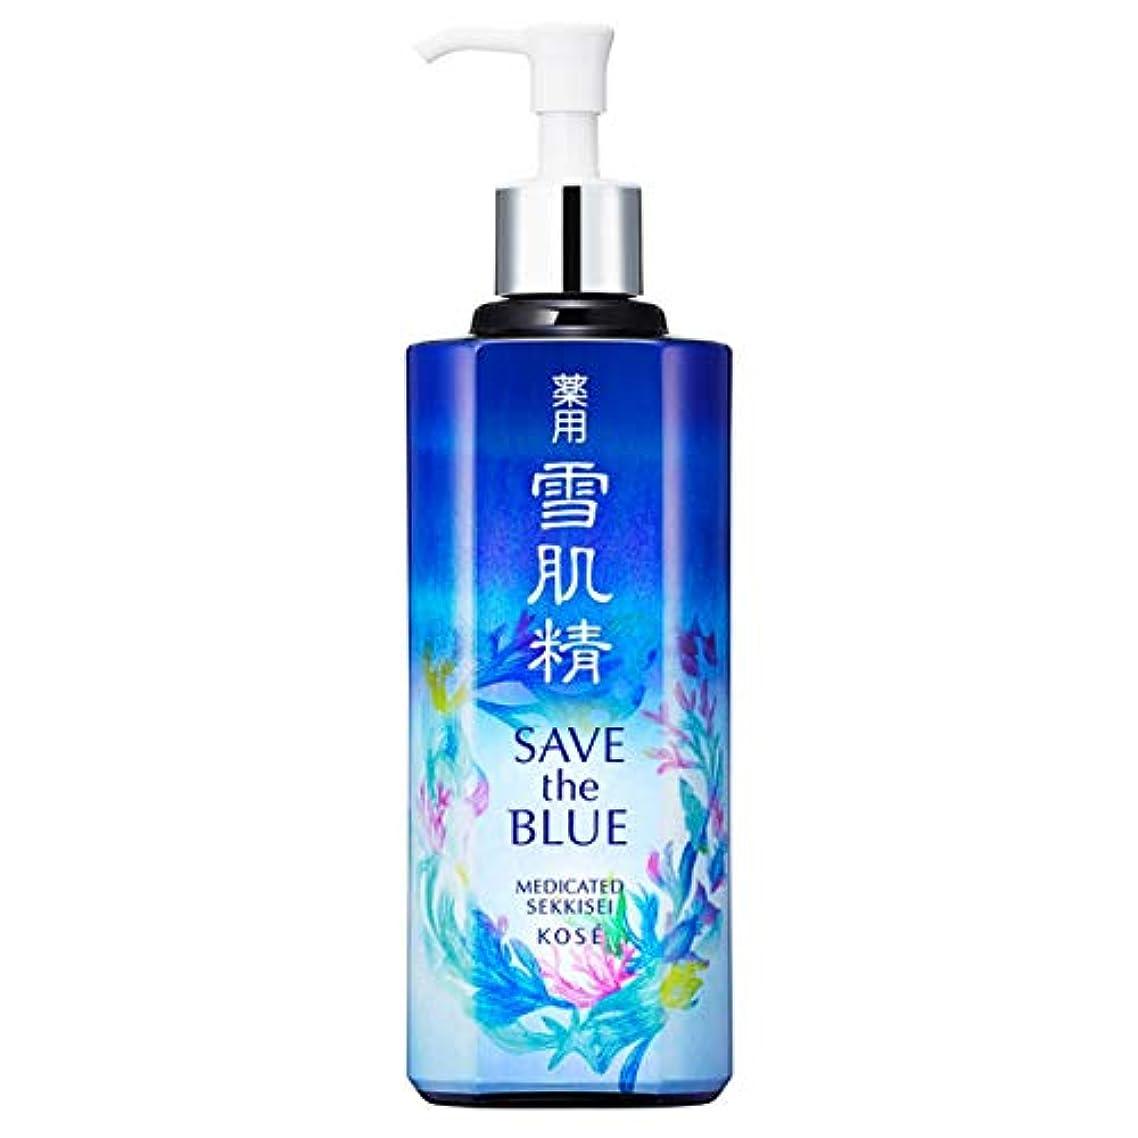 本当のことを言うと配管工狐コーセー 雪肌精 化粧水 「SAVE the BLUE」デザインボトル(みずみずしいタイプ) 500ml【限定】